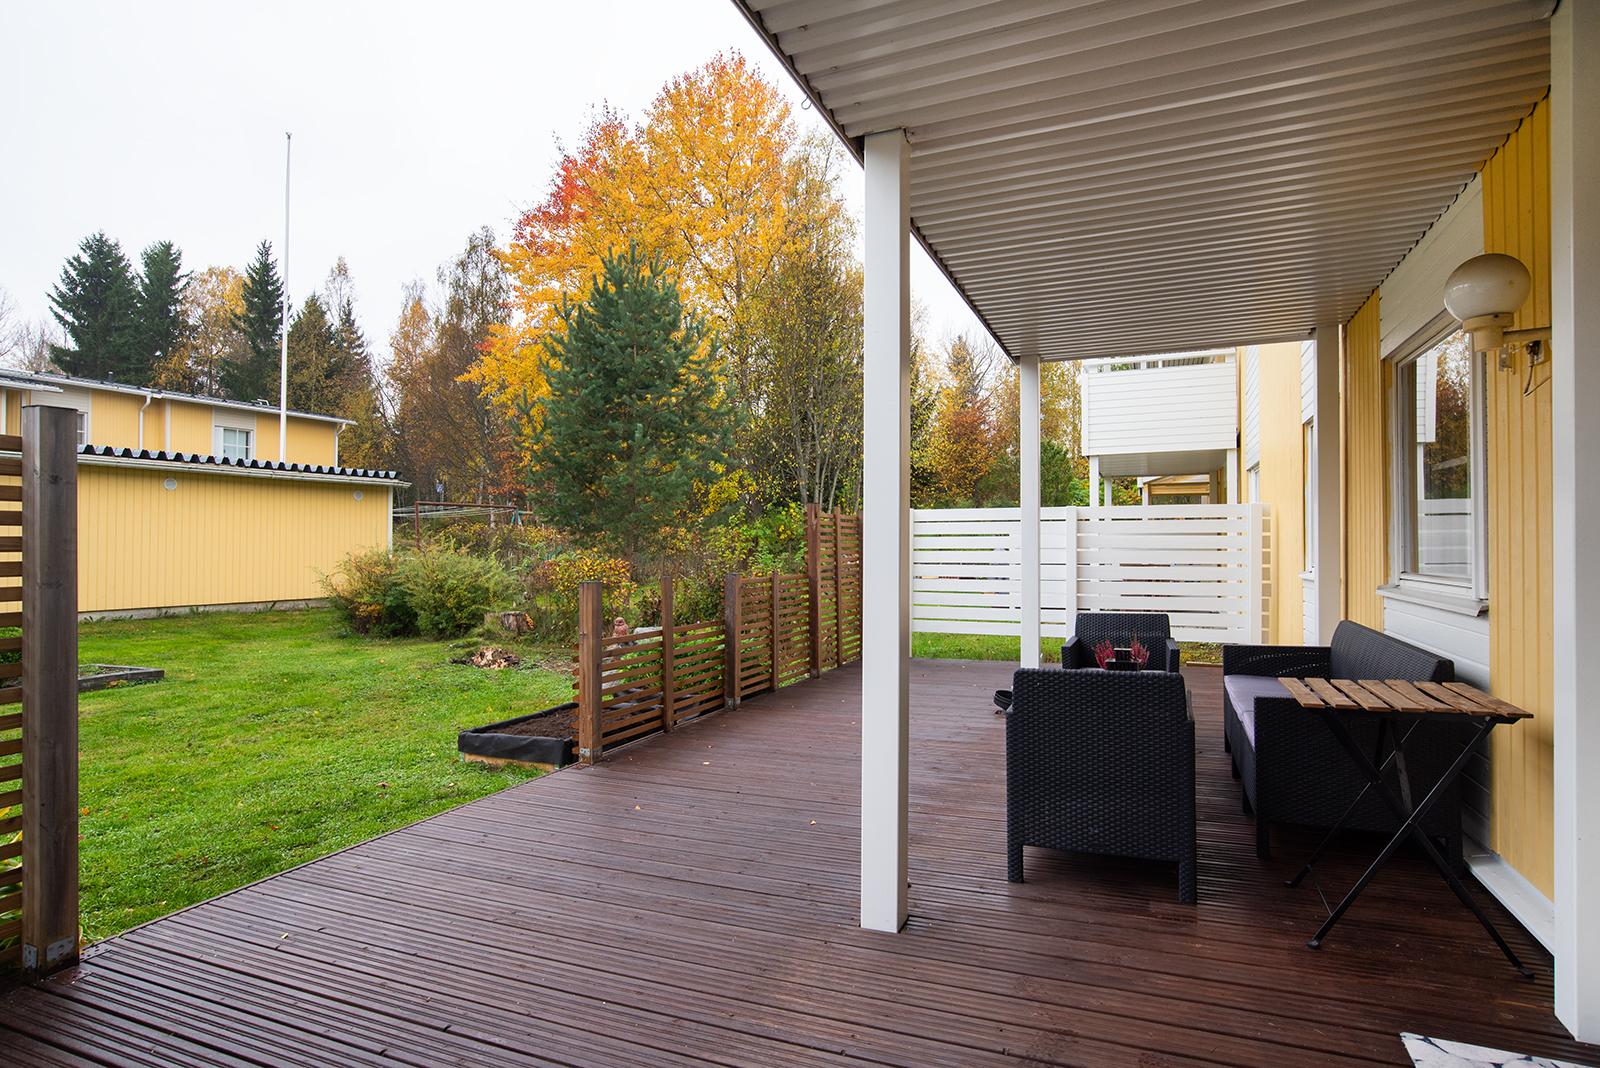 Pihan ja terassin suunta on etelään/ Gården och terrassen vätter mot söder